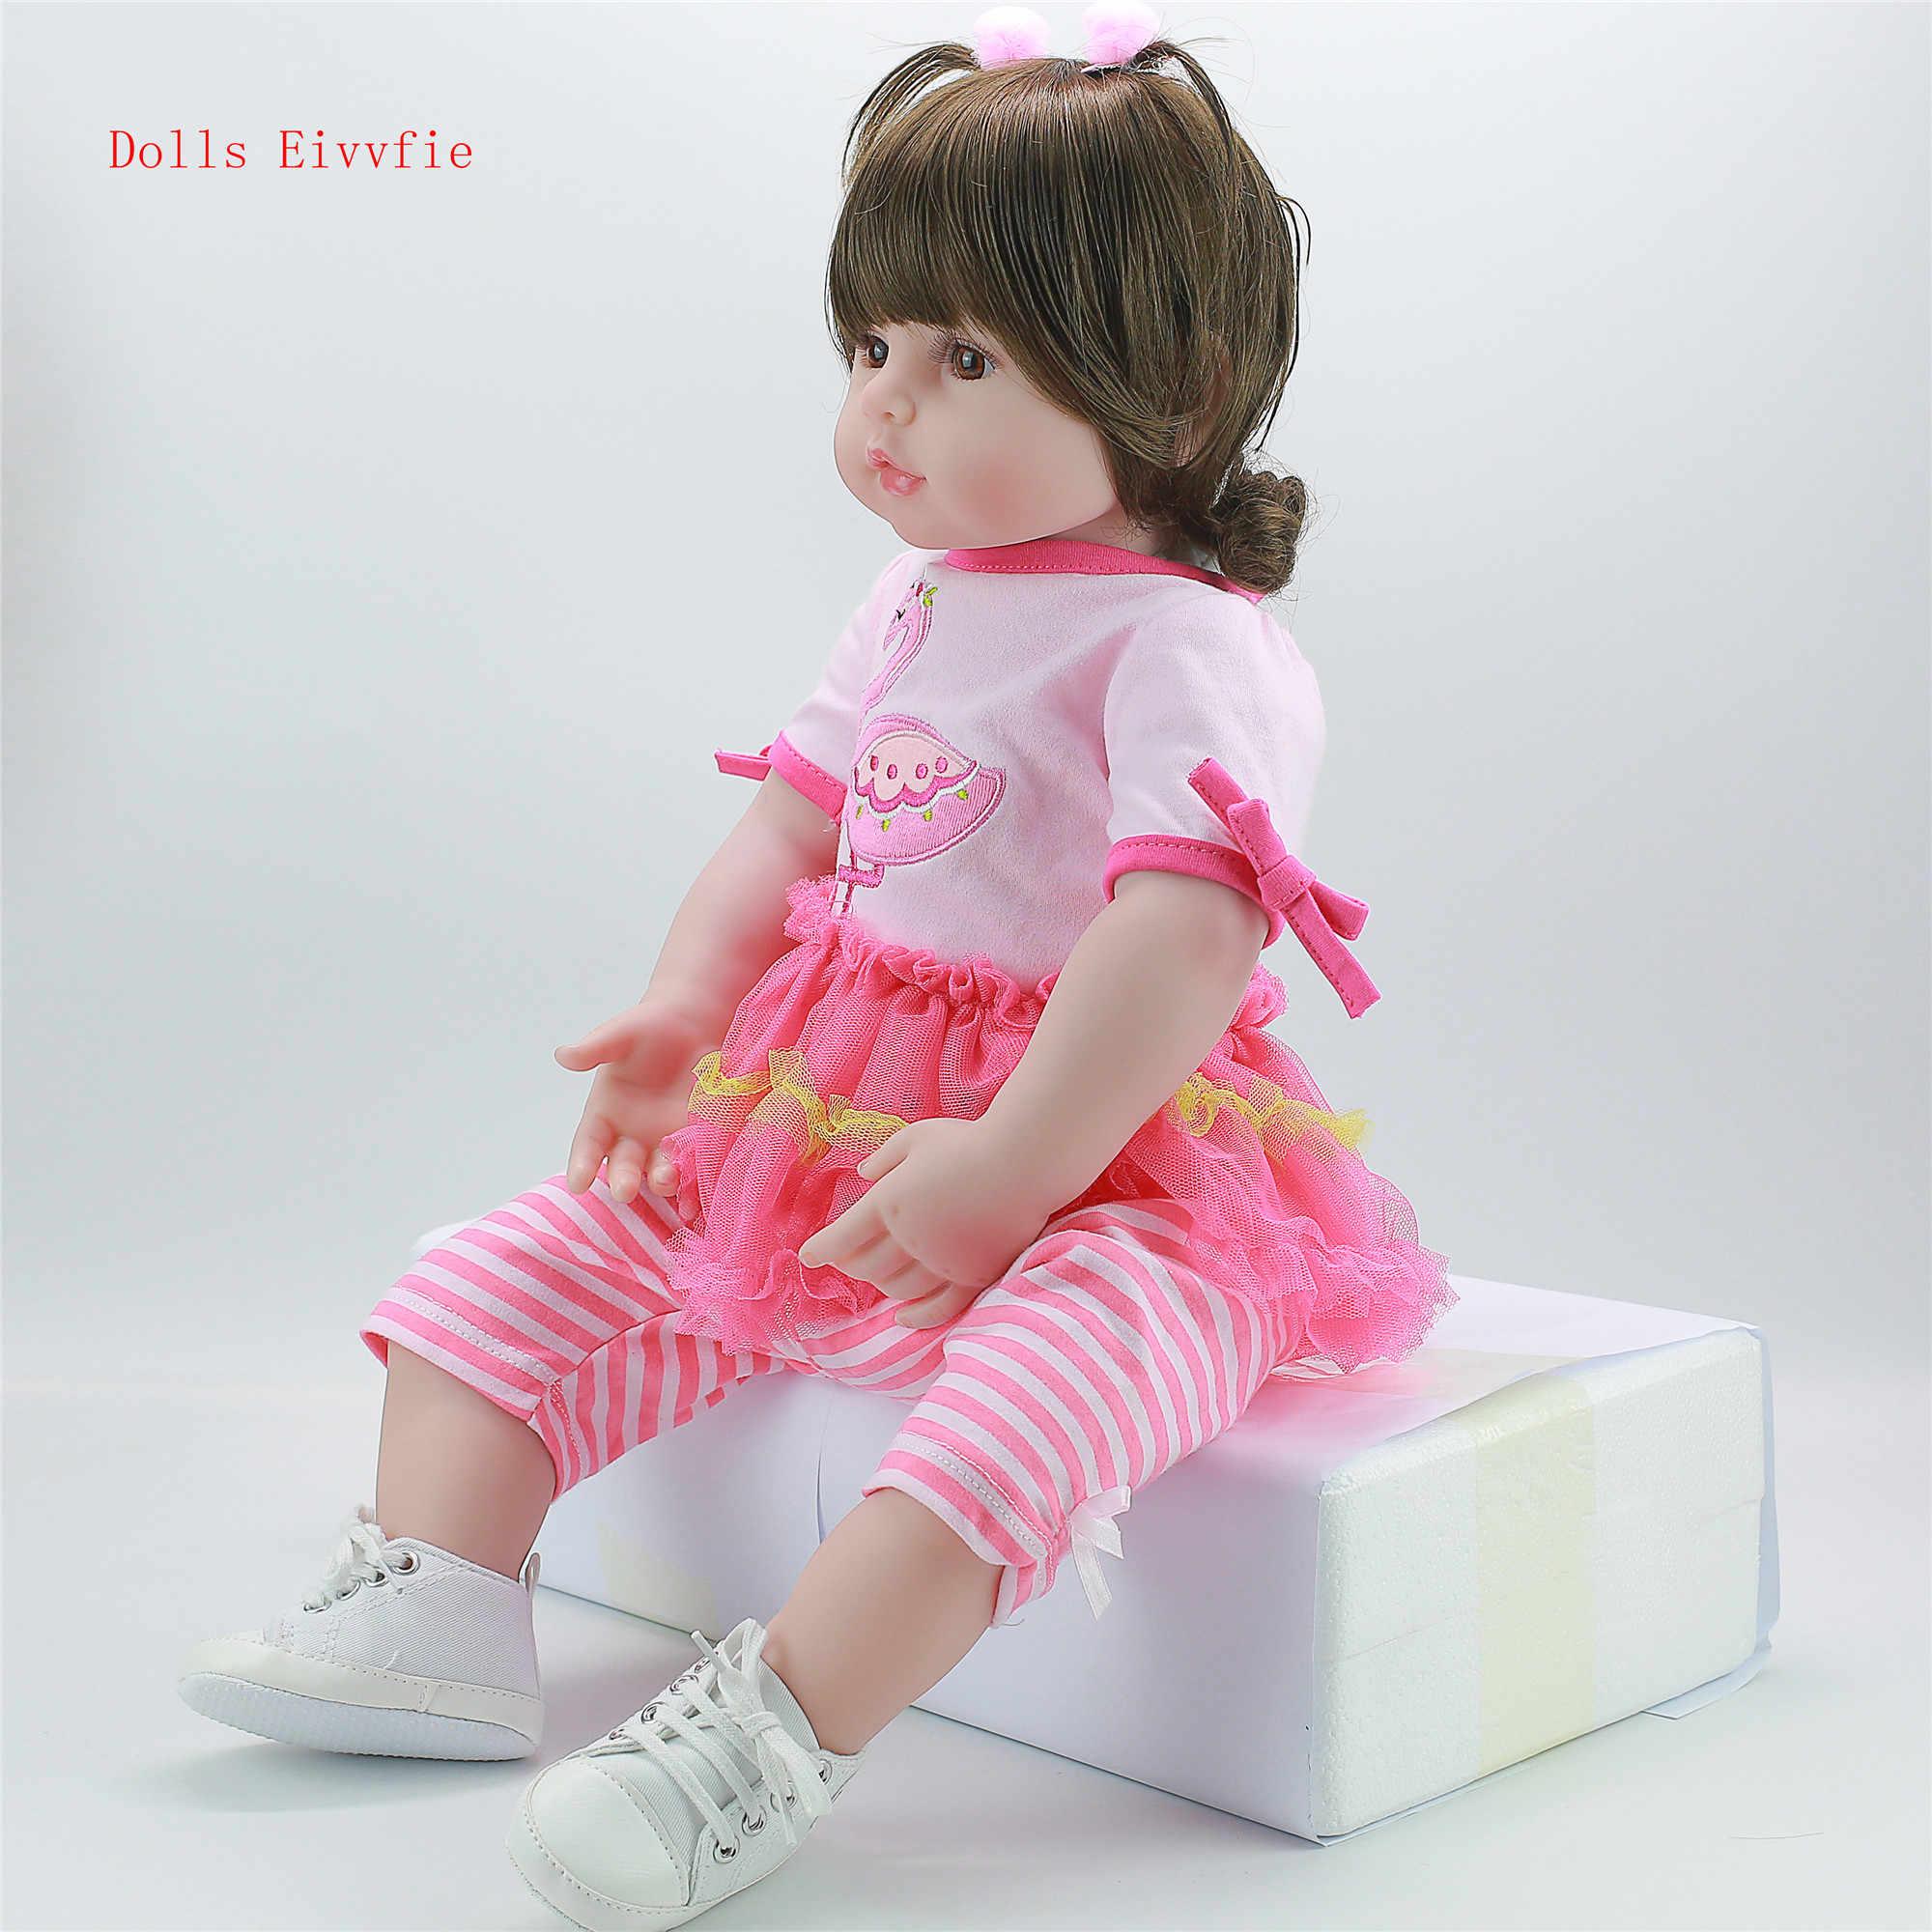 58 cm silicone bebe renascer bebê super brinquedo do bebê renascer realista boneca criança do bebê brinquedo criança lol presente